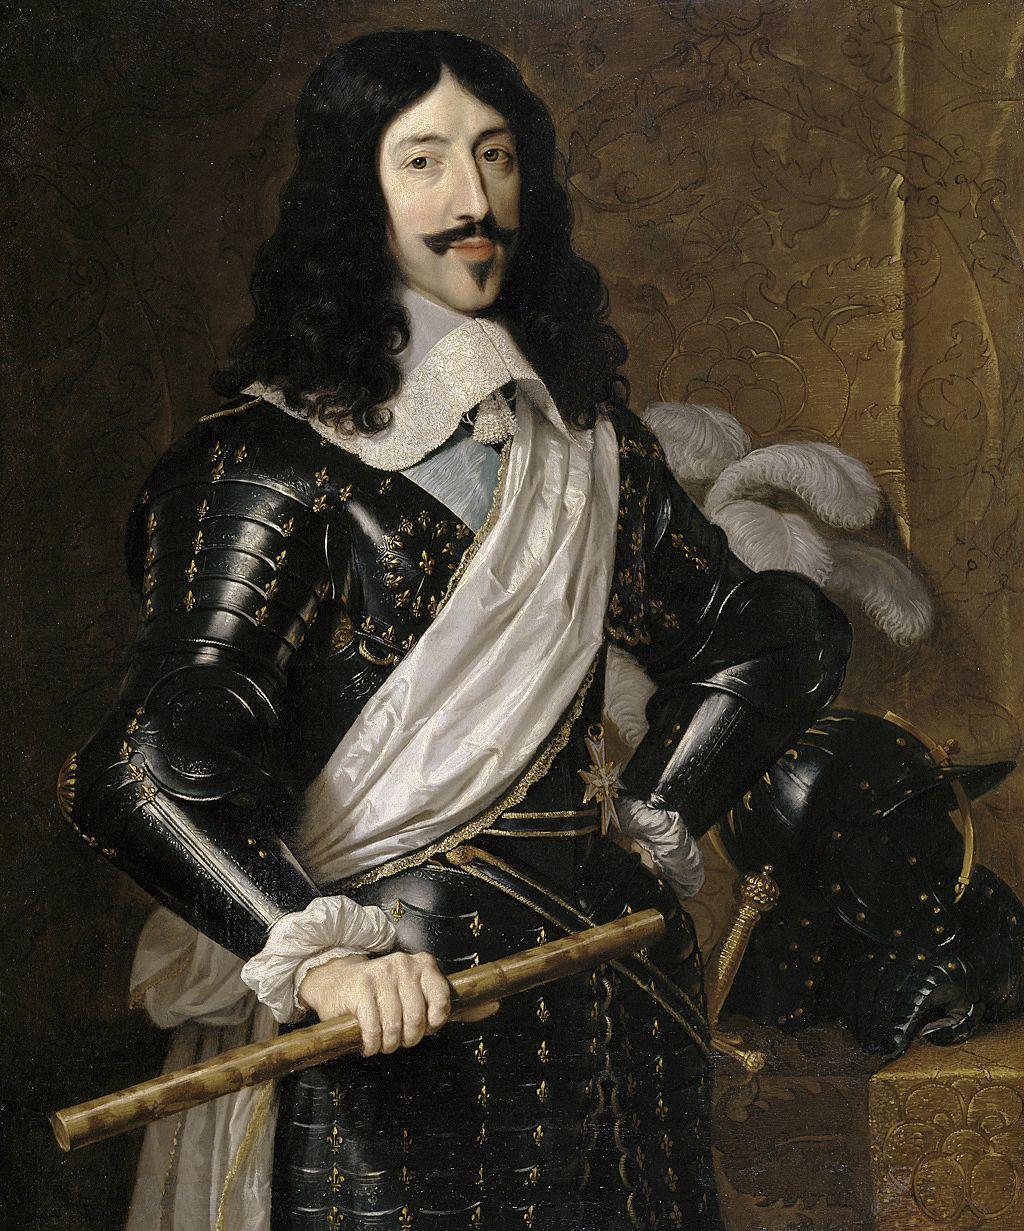 フランス・ブルボン朝の国王。